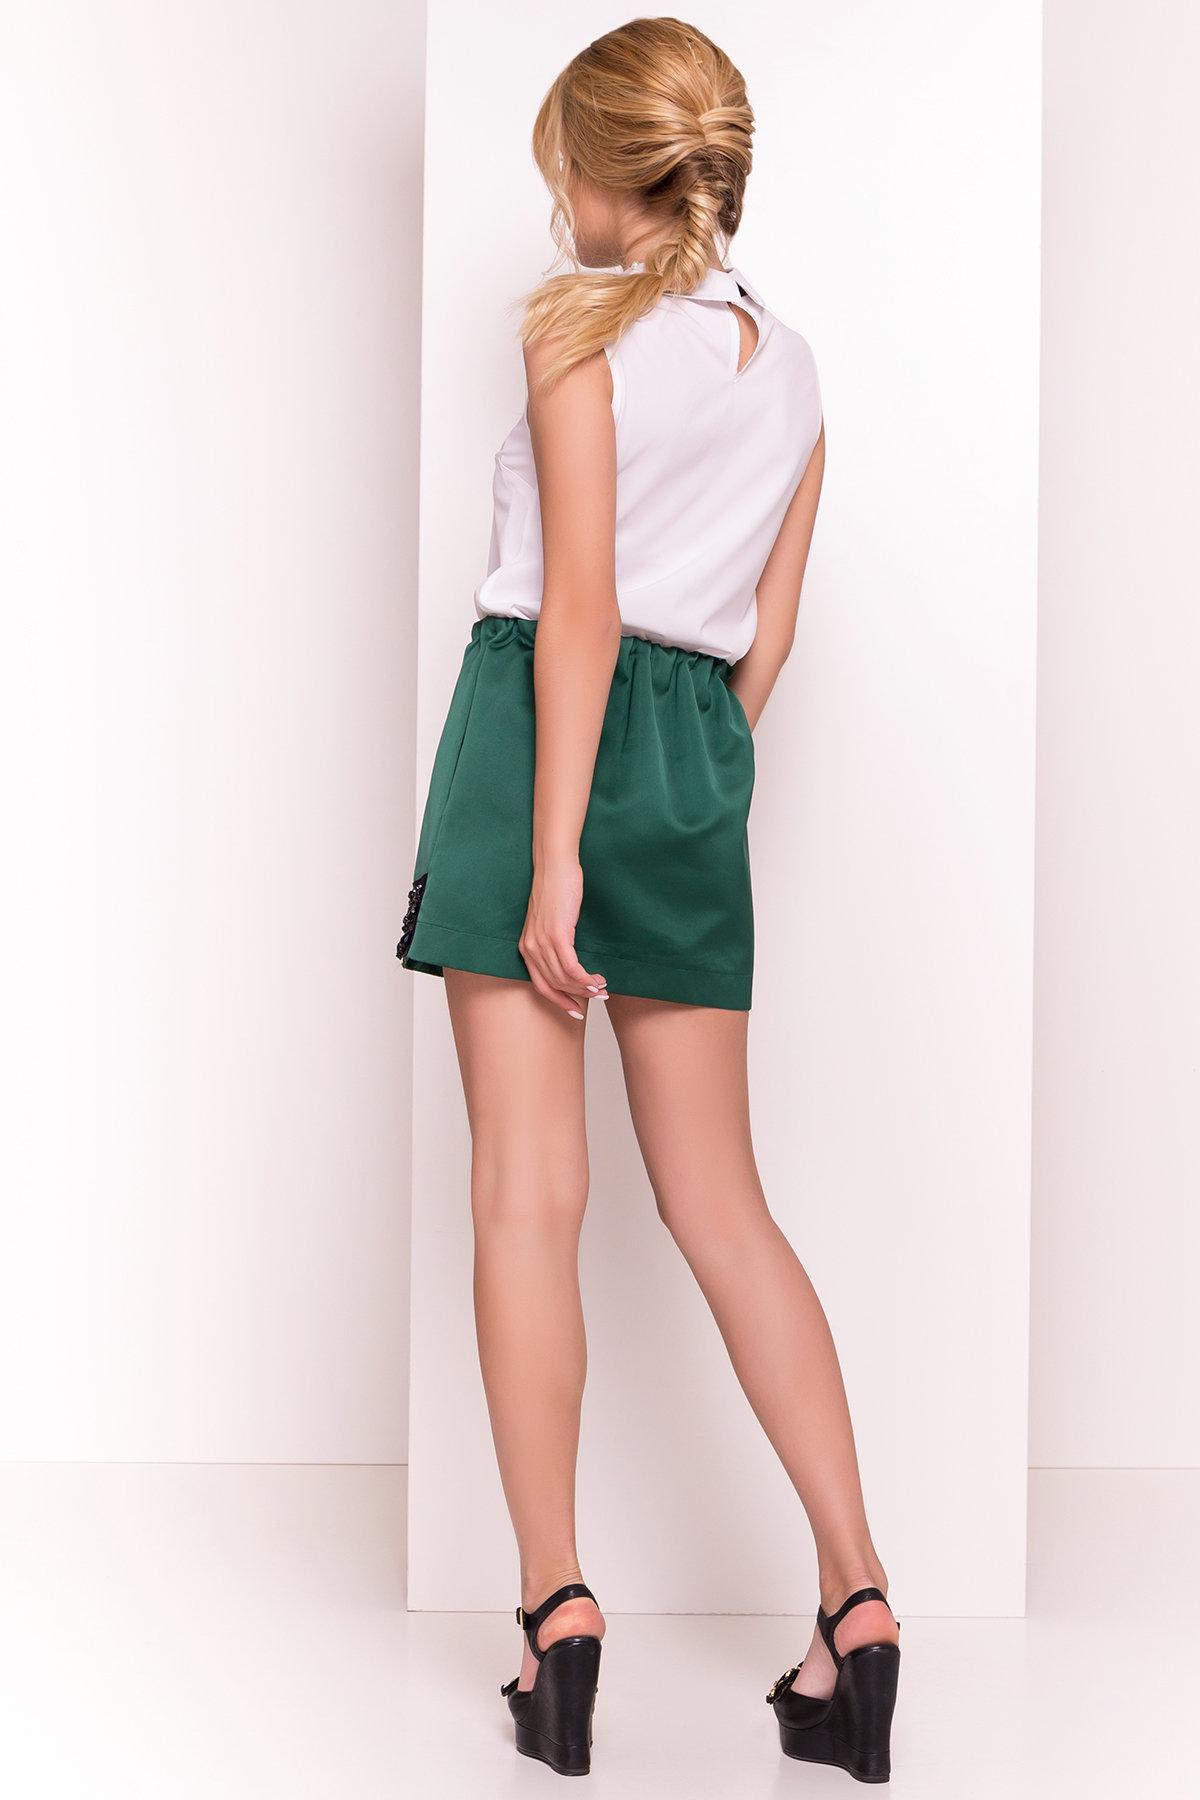 Блузка с вертикальной вставкой Мурия 5220 АРТ. 36304 Цвет: Белый - фото 9, интернет магазин tm-modus.ru